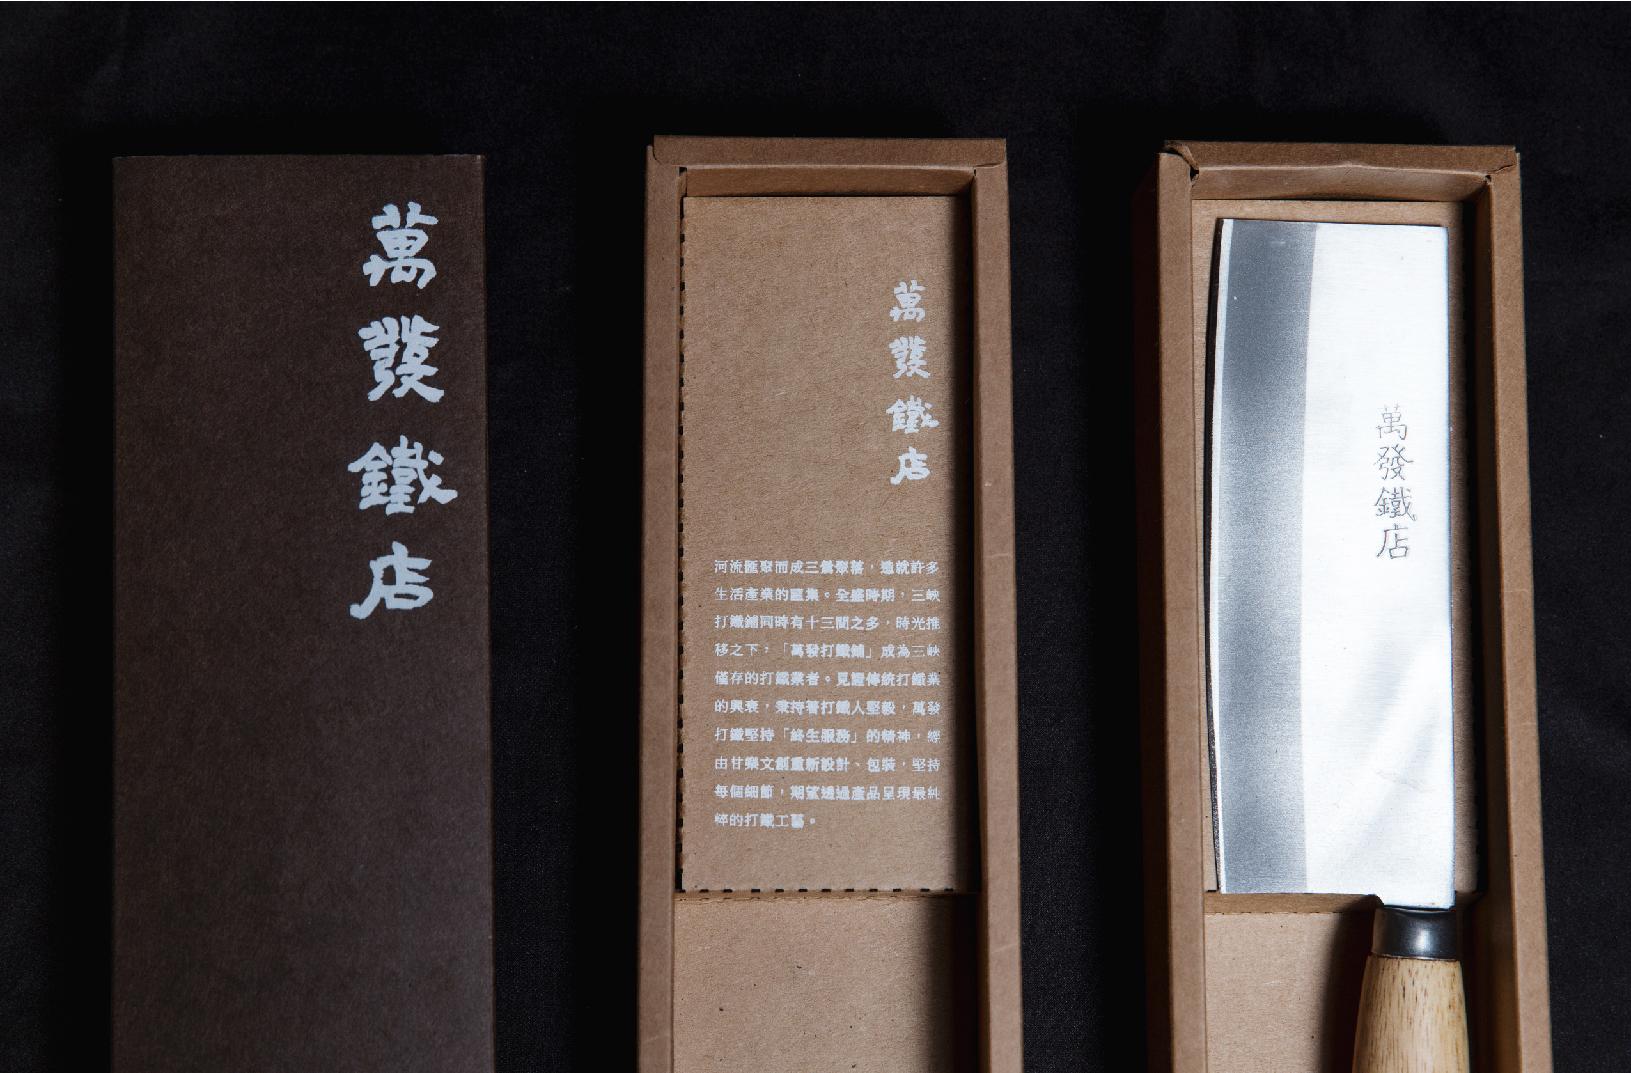 萬發鐵店 原本的菜刀多為塑膠袋簡易包裝,但一把經典的刀,更需要盒裝來襯托它的價值,也能保護刀面防止販售時刮傷。  標誌的部分更是請一樣為三峽在地職人「吳契憲」老師題字,讓整體質感更為加分;而印刷全部為設計師手工網版印製,就像蘇先生一樣,堅持親手為每位顧客修理刀面的服務精神!   甘樂文創   甘之如飴,樂在其中